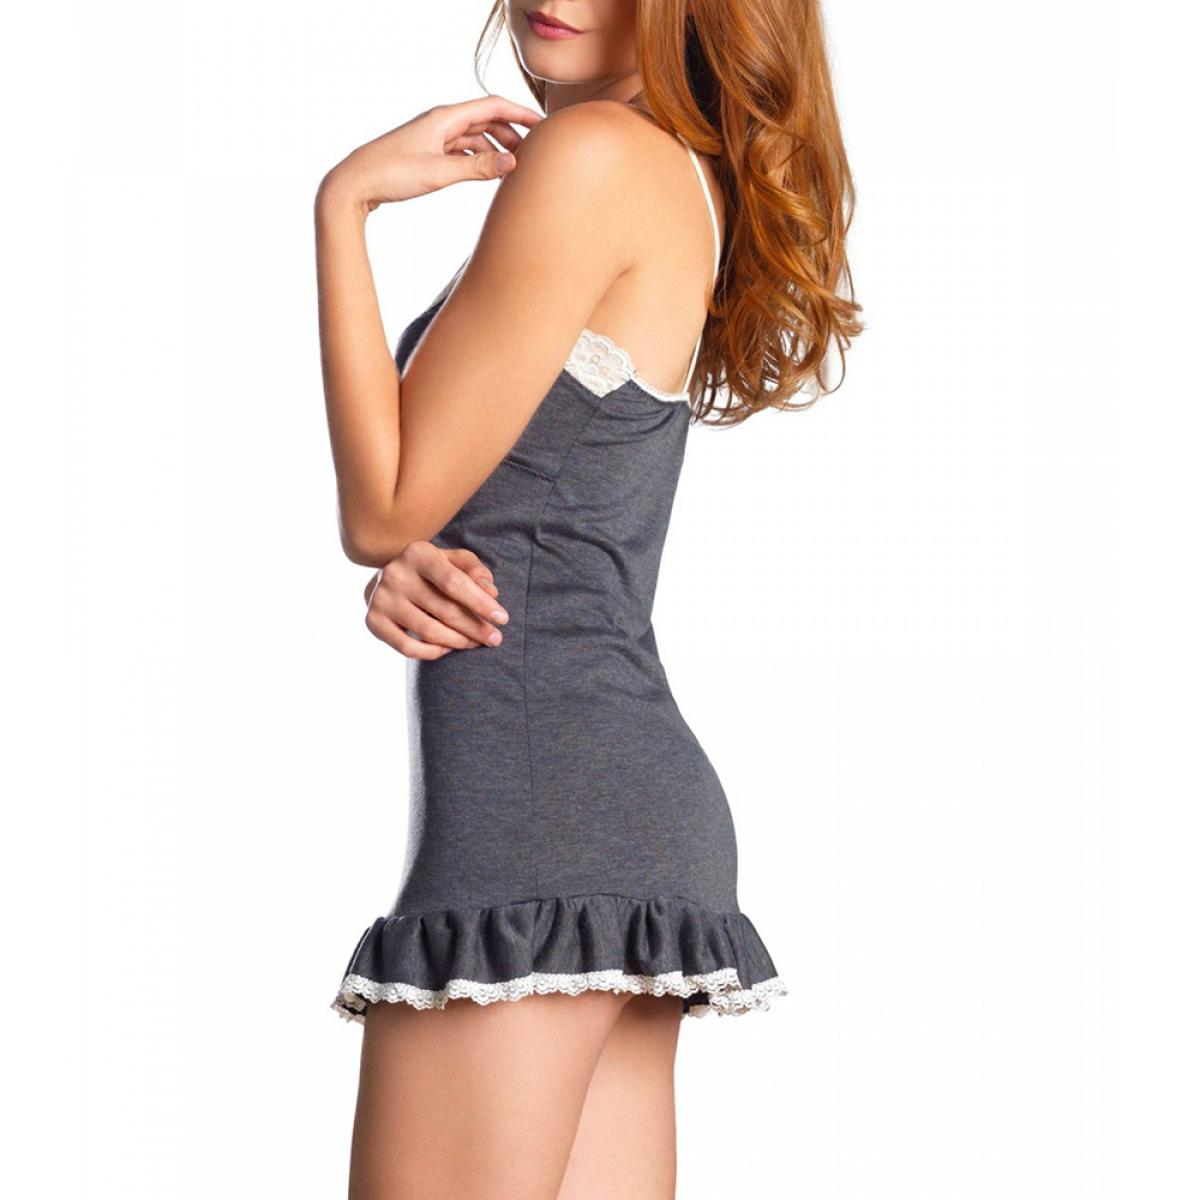 Nuisette en dentelle et jersey gris Sleepwear by Leg Avenue - Lemon ... 00ced45266e